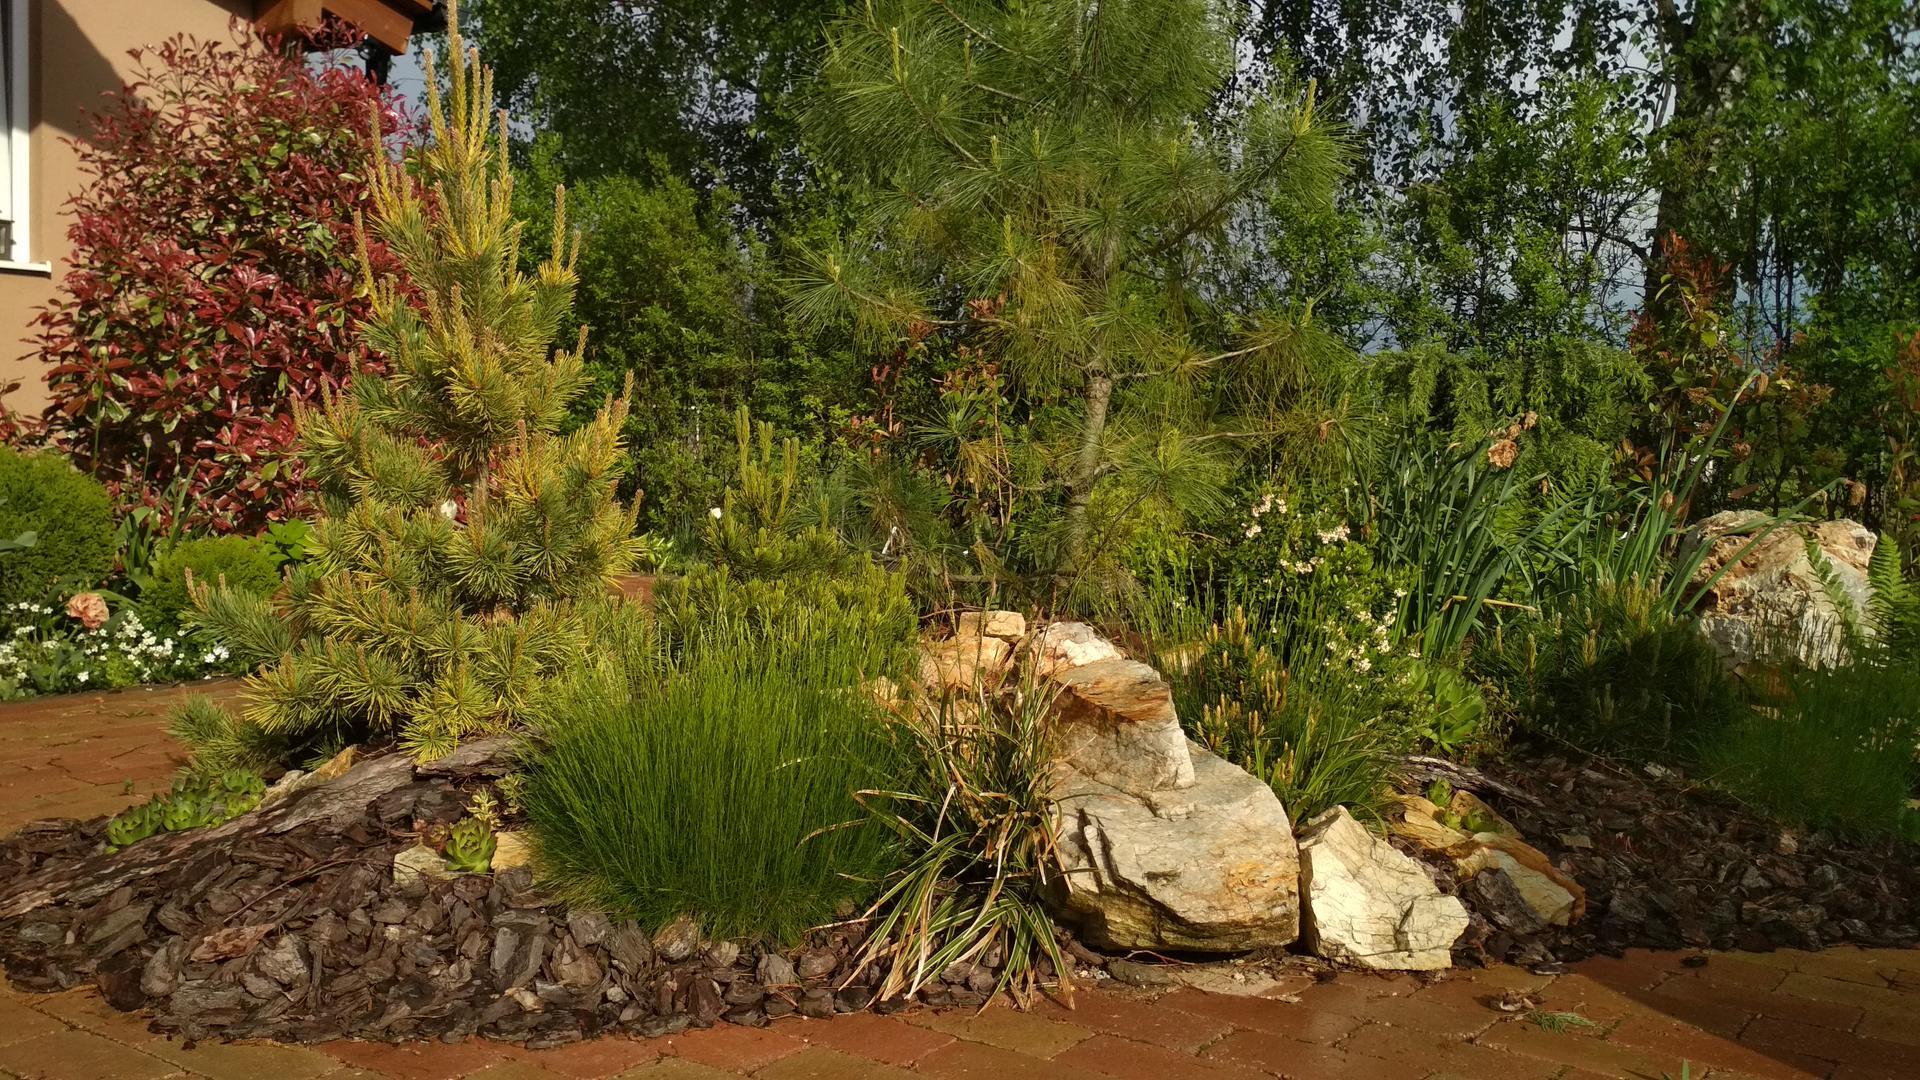 záhrada vidiecka, farebná rok 2021 - Obrázok č. 47